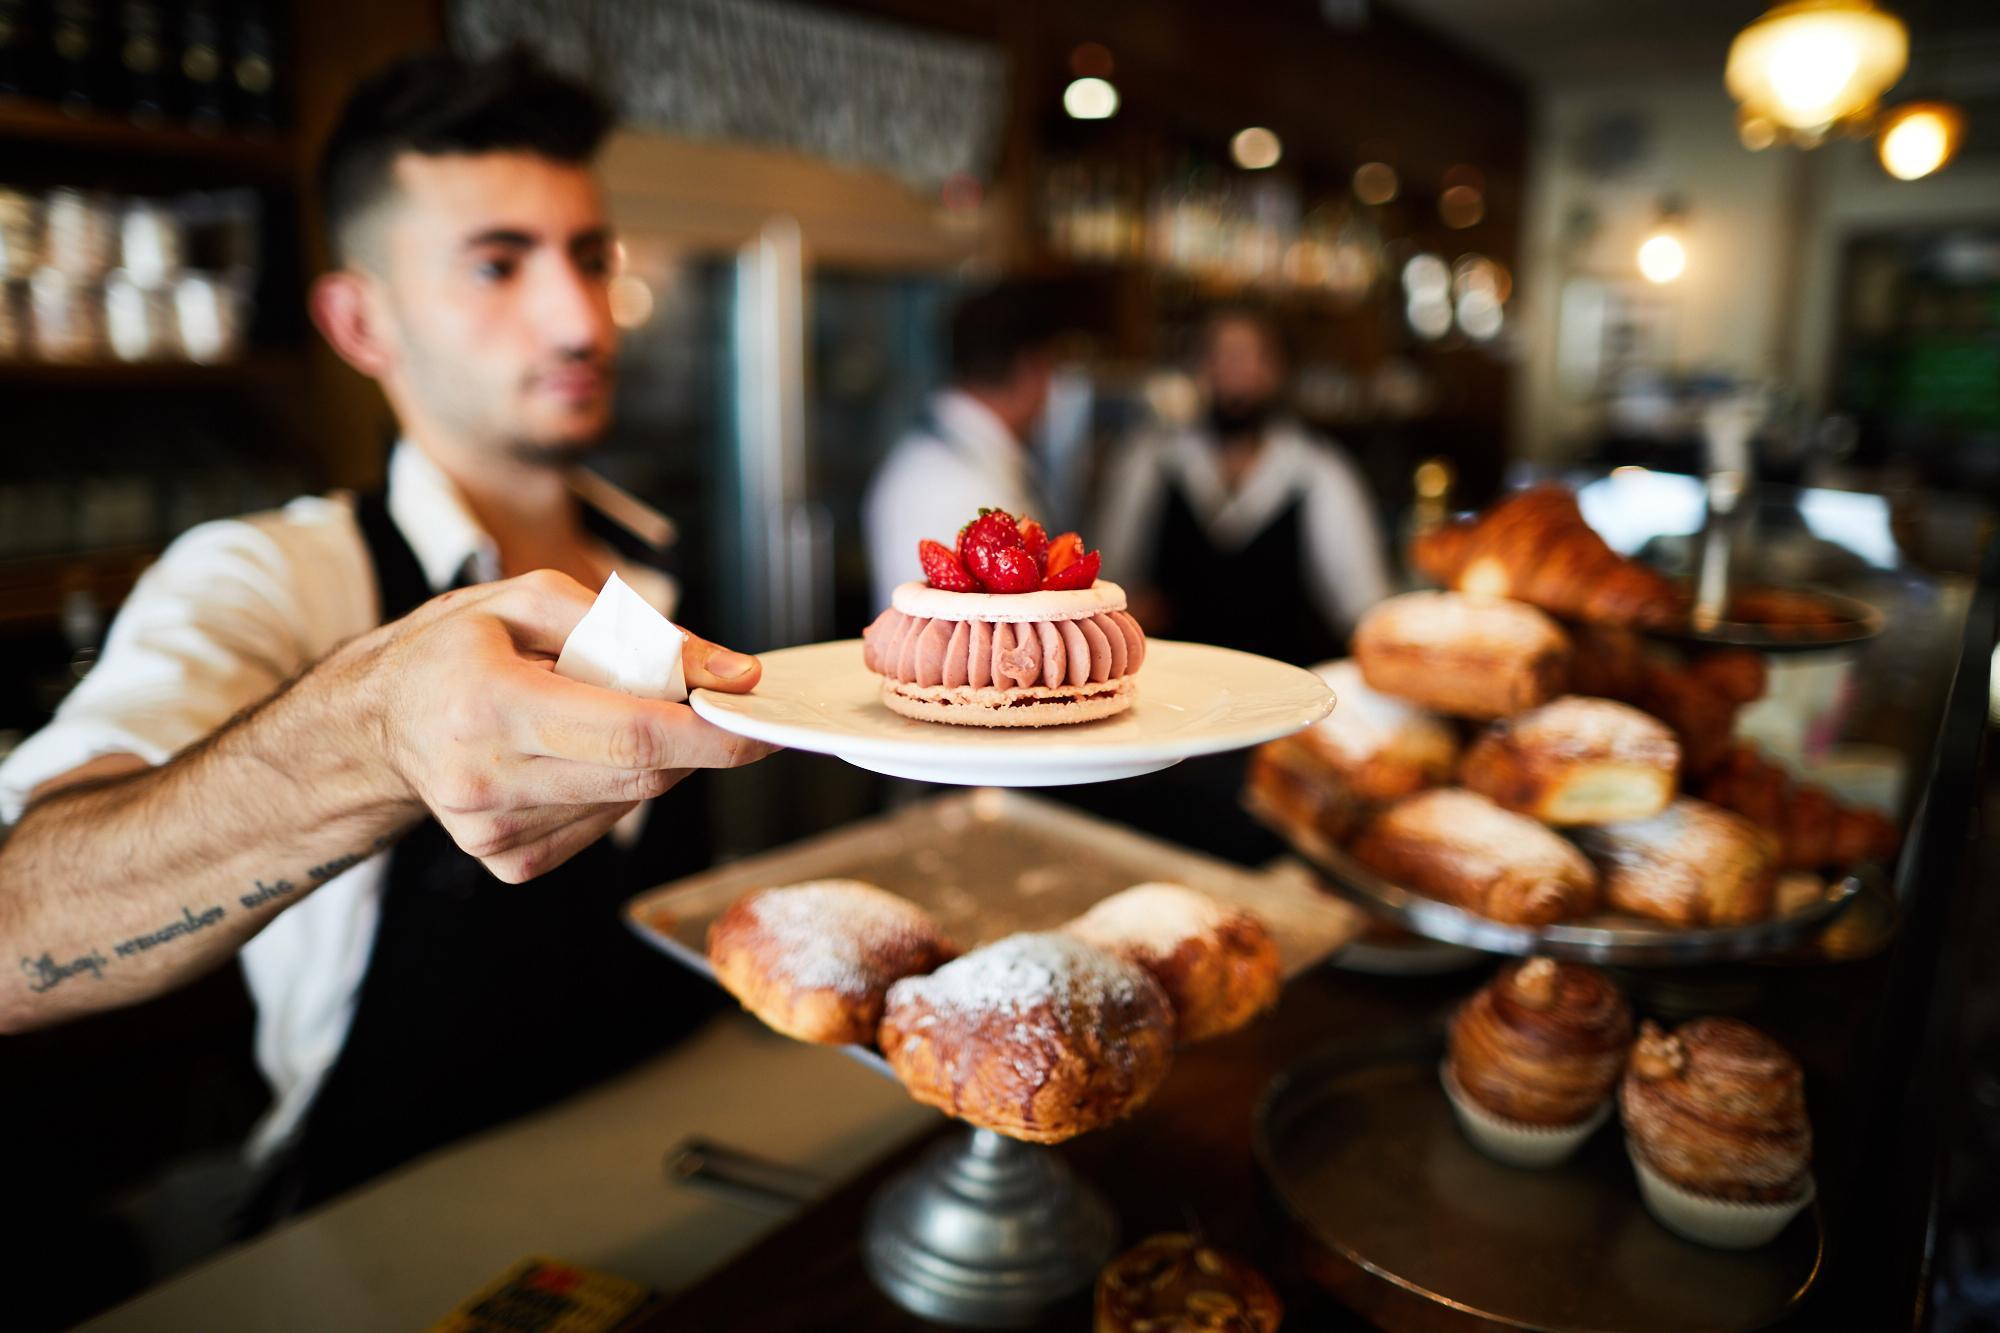 המסעדות הטובות ביותר ב ירושלים והסביבה - קפה קדוש